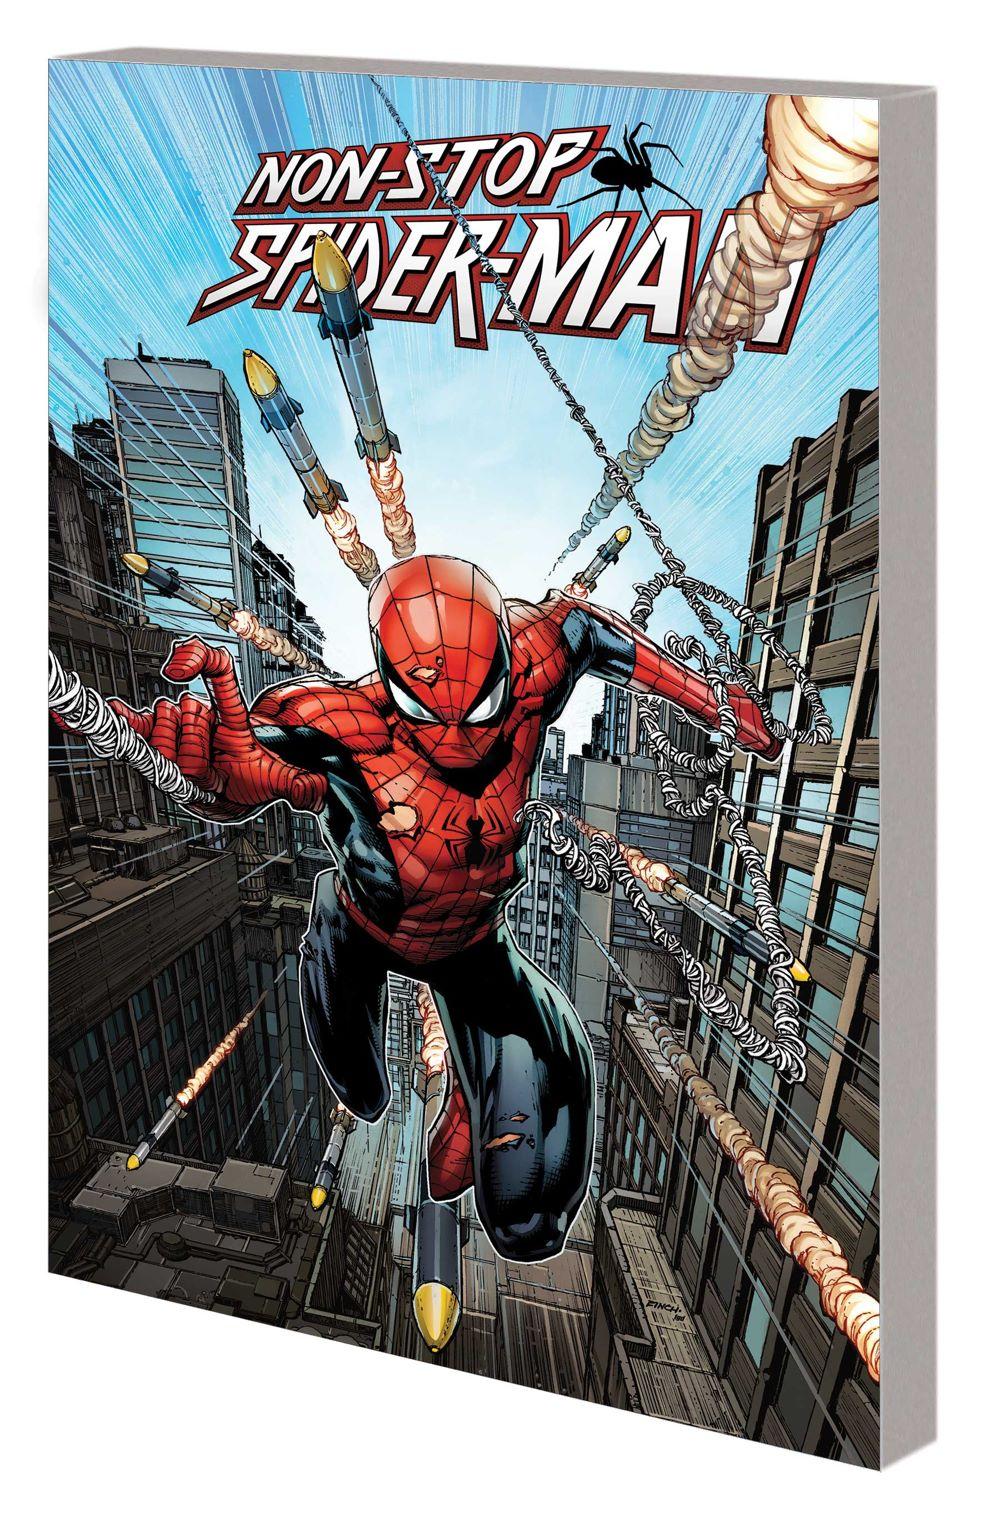 NONSTOPSM_VOL_1_TPB Marvel Comics August 2021 Solicitations